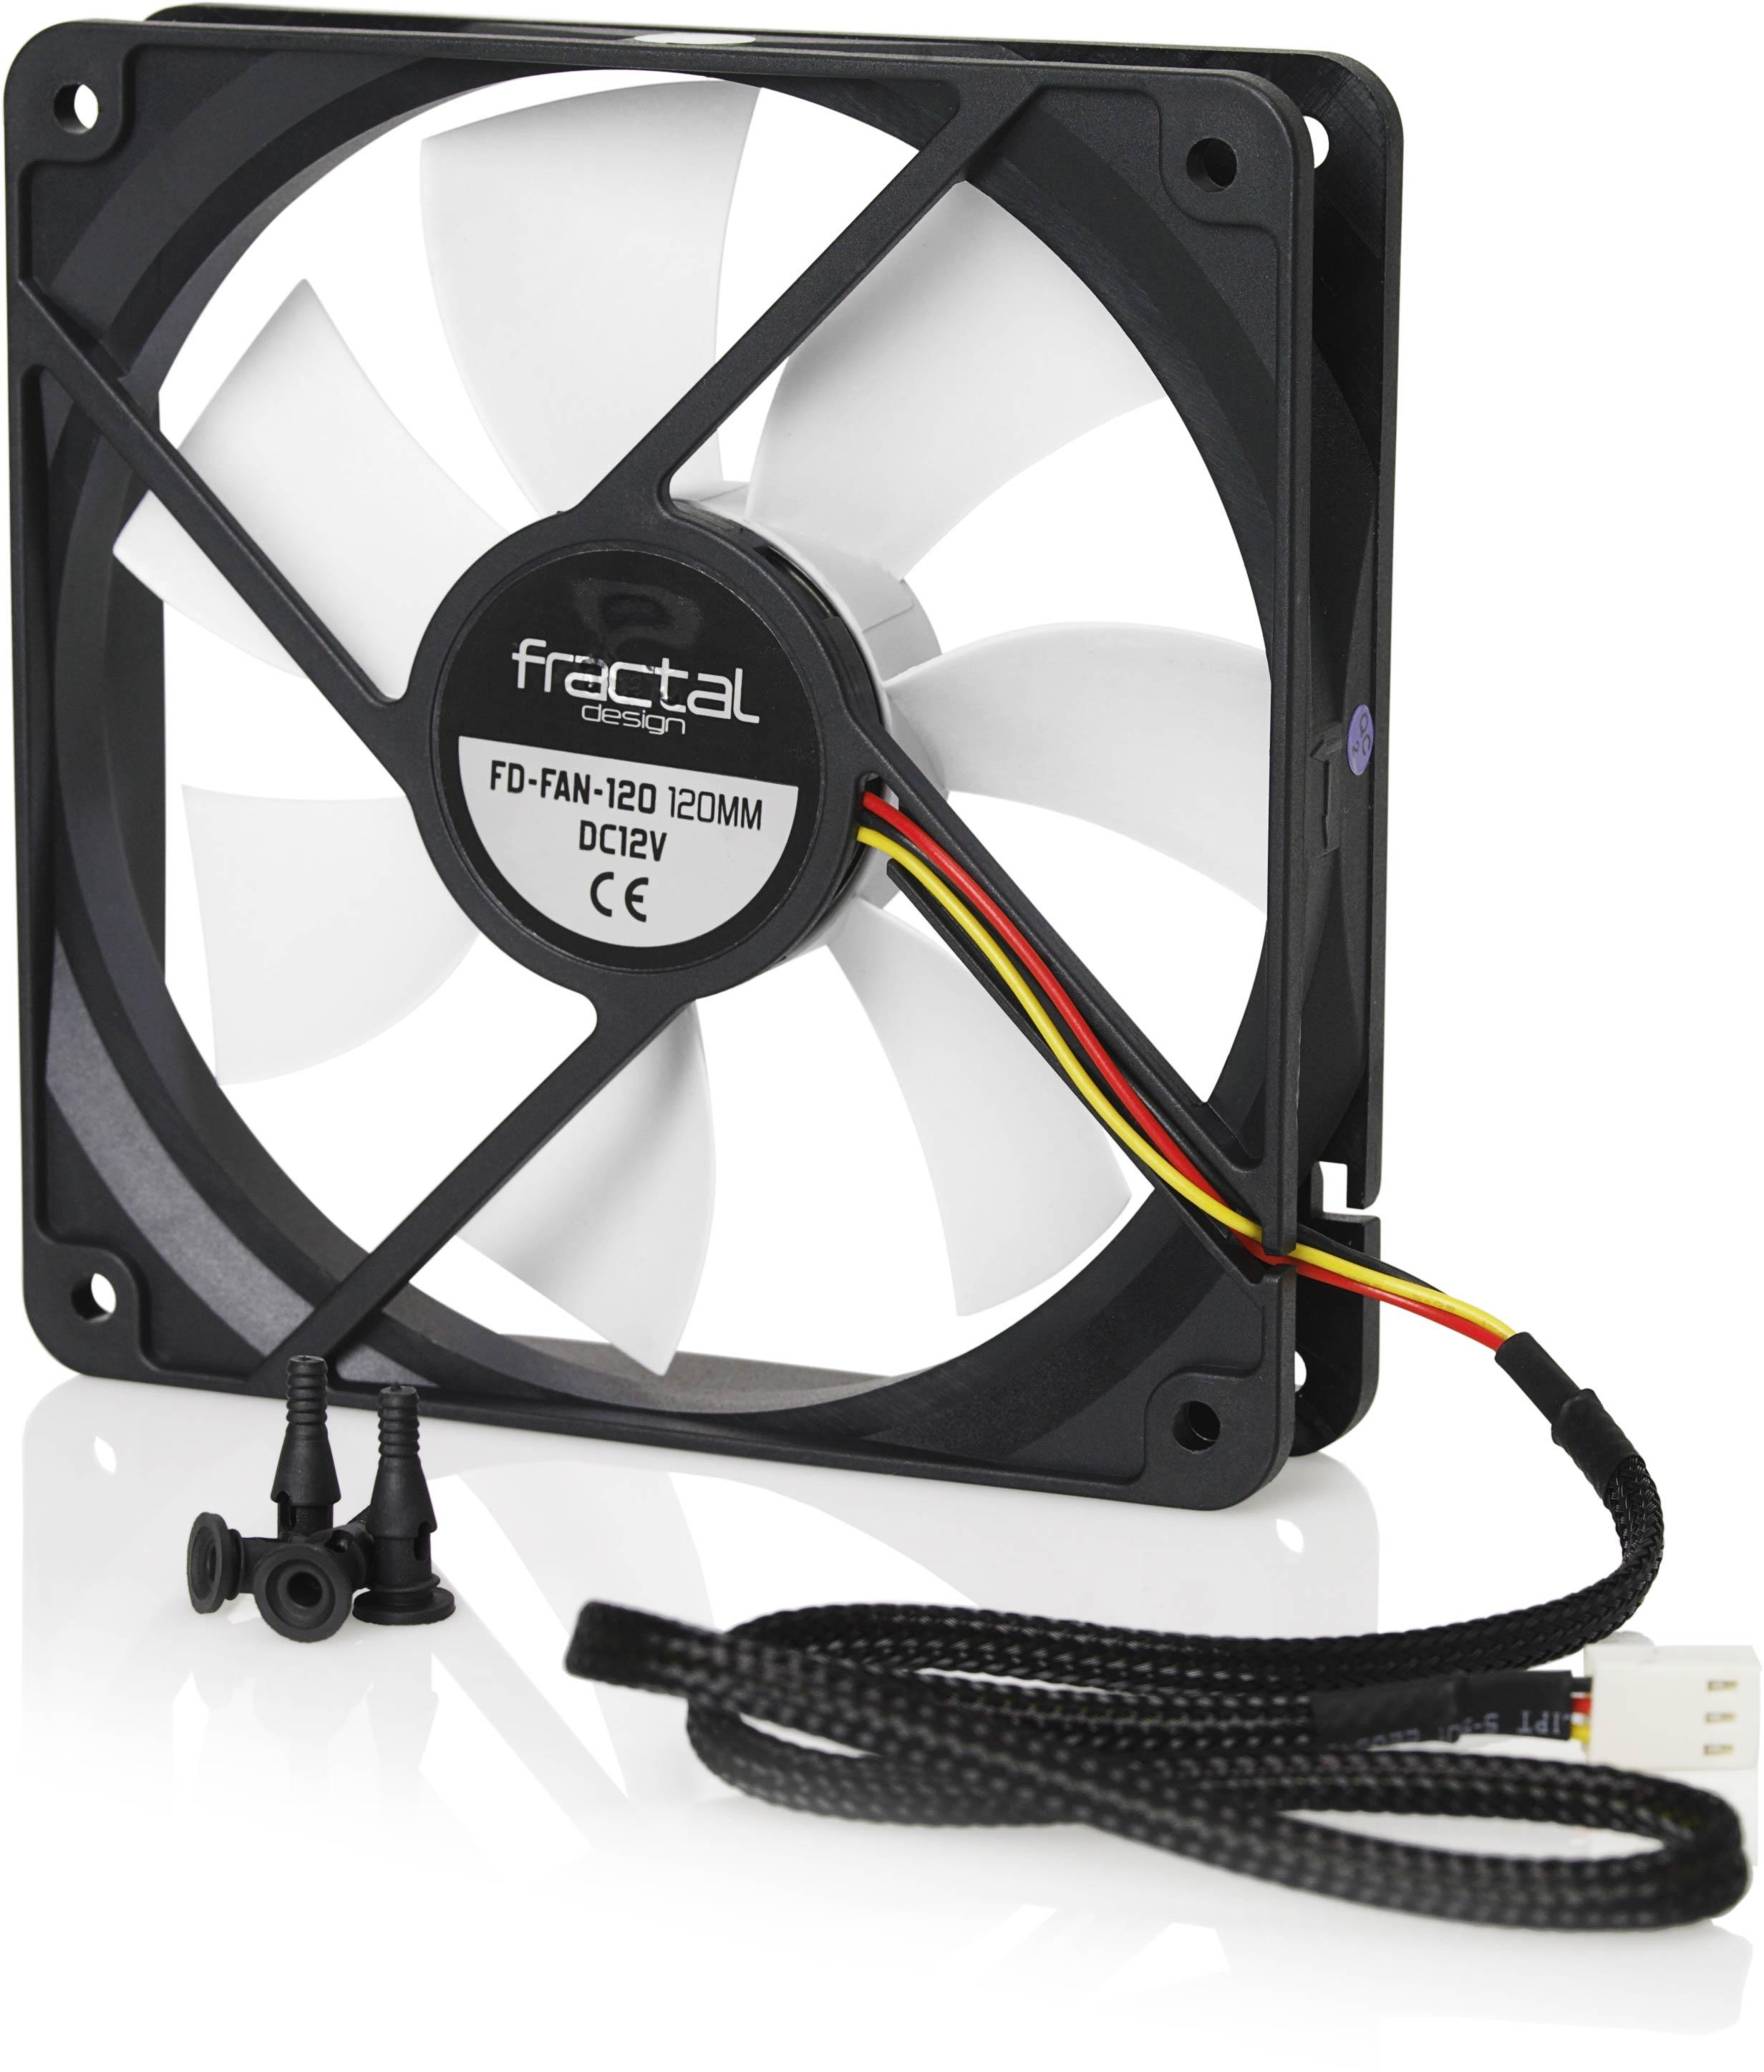 Fractal Design 120mm Silent Series Cooling Fan